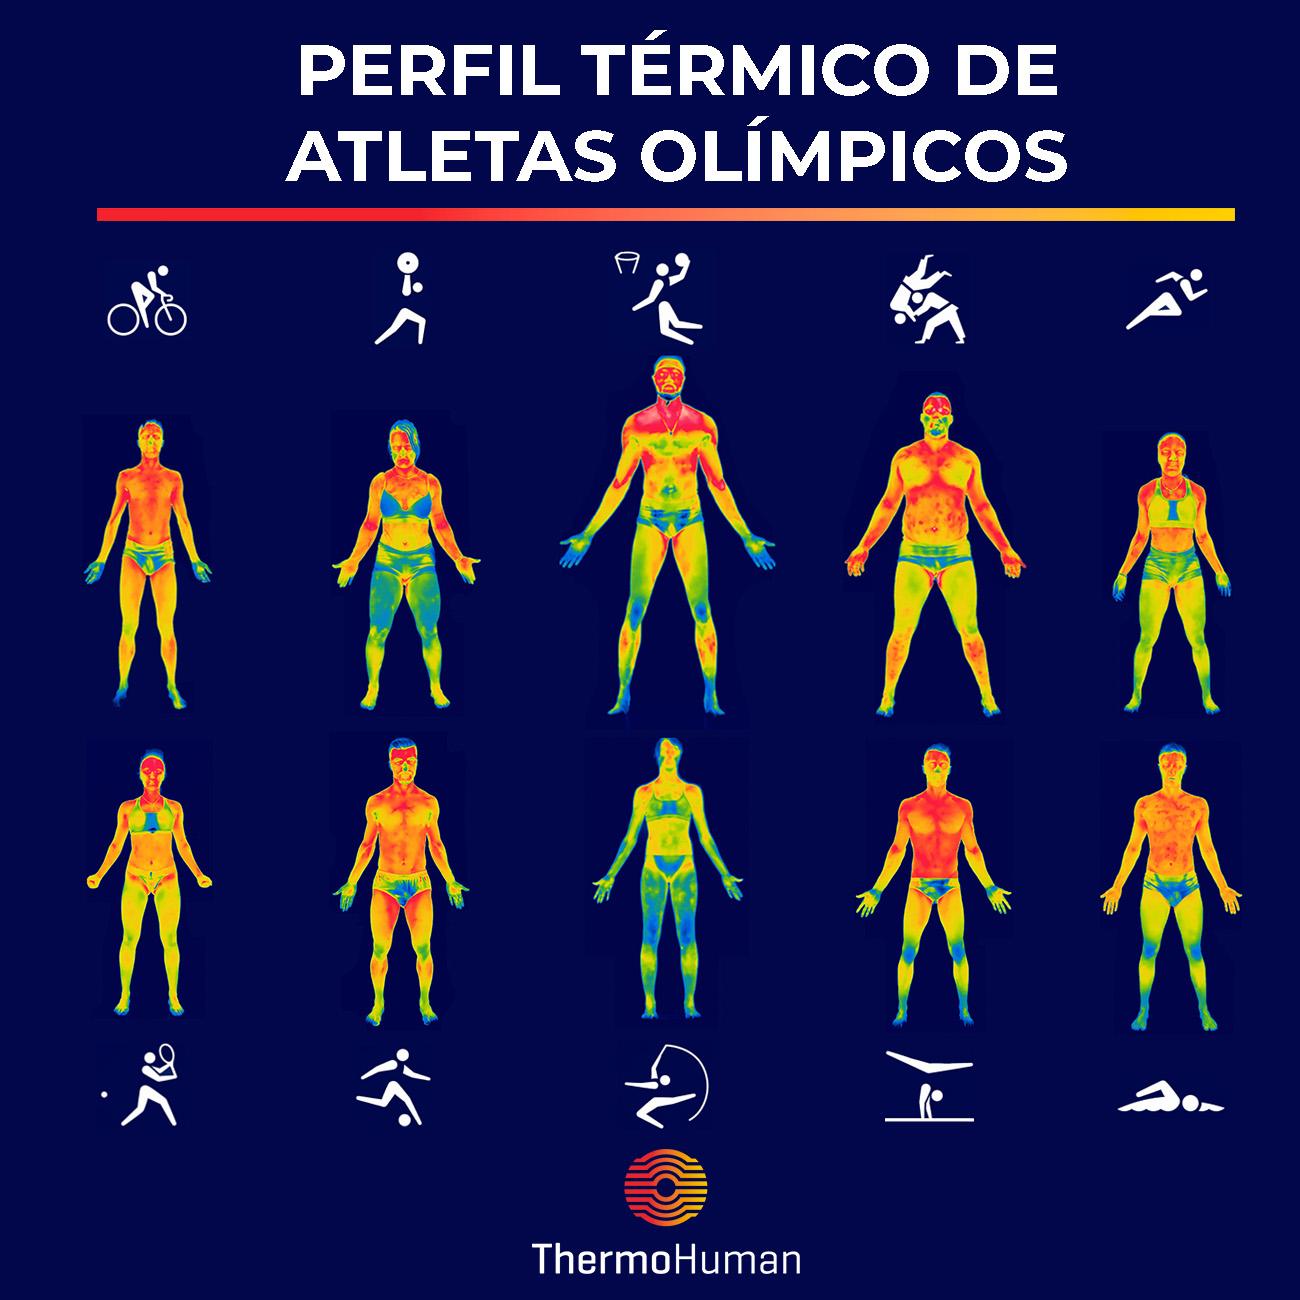 Juegos Olímpicos: ¿qué nos muestra la termografía?